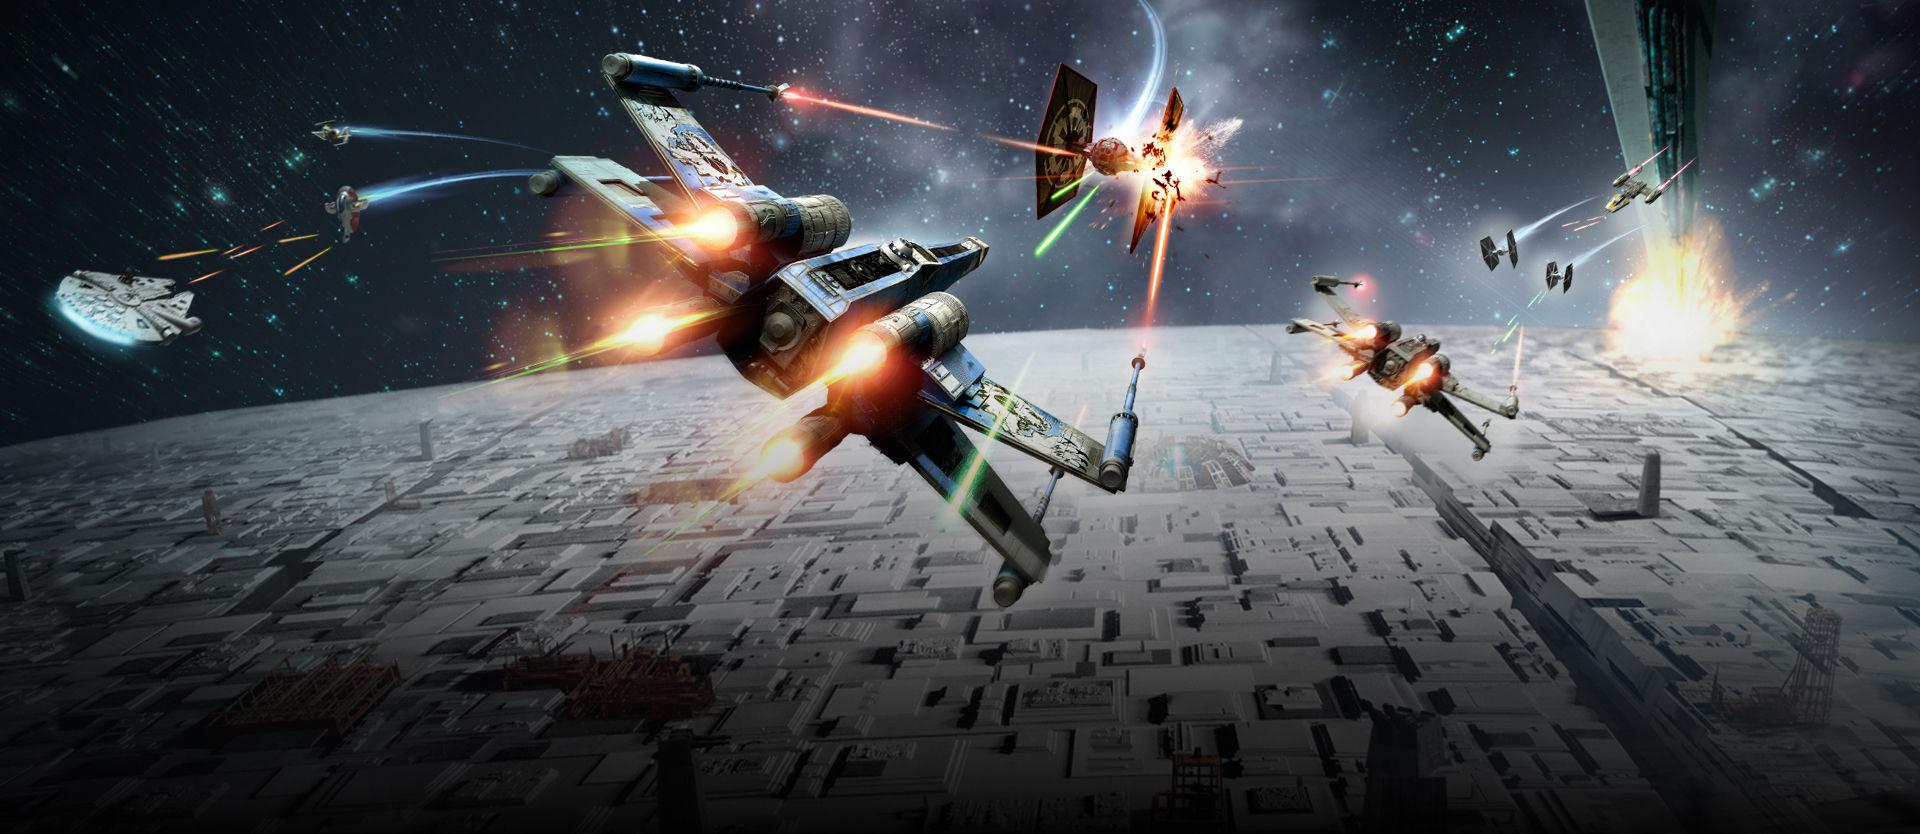 8298 - ¿Puedes identificar las siguientes naves de Star Wars por su modelo?